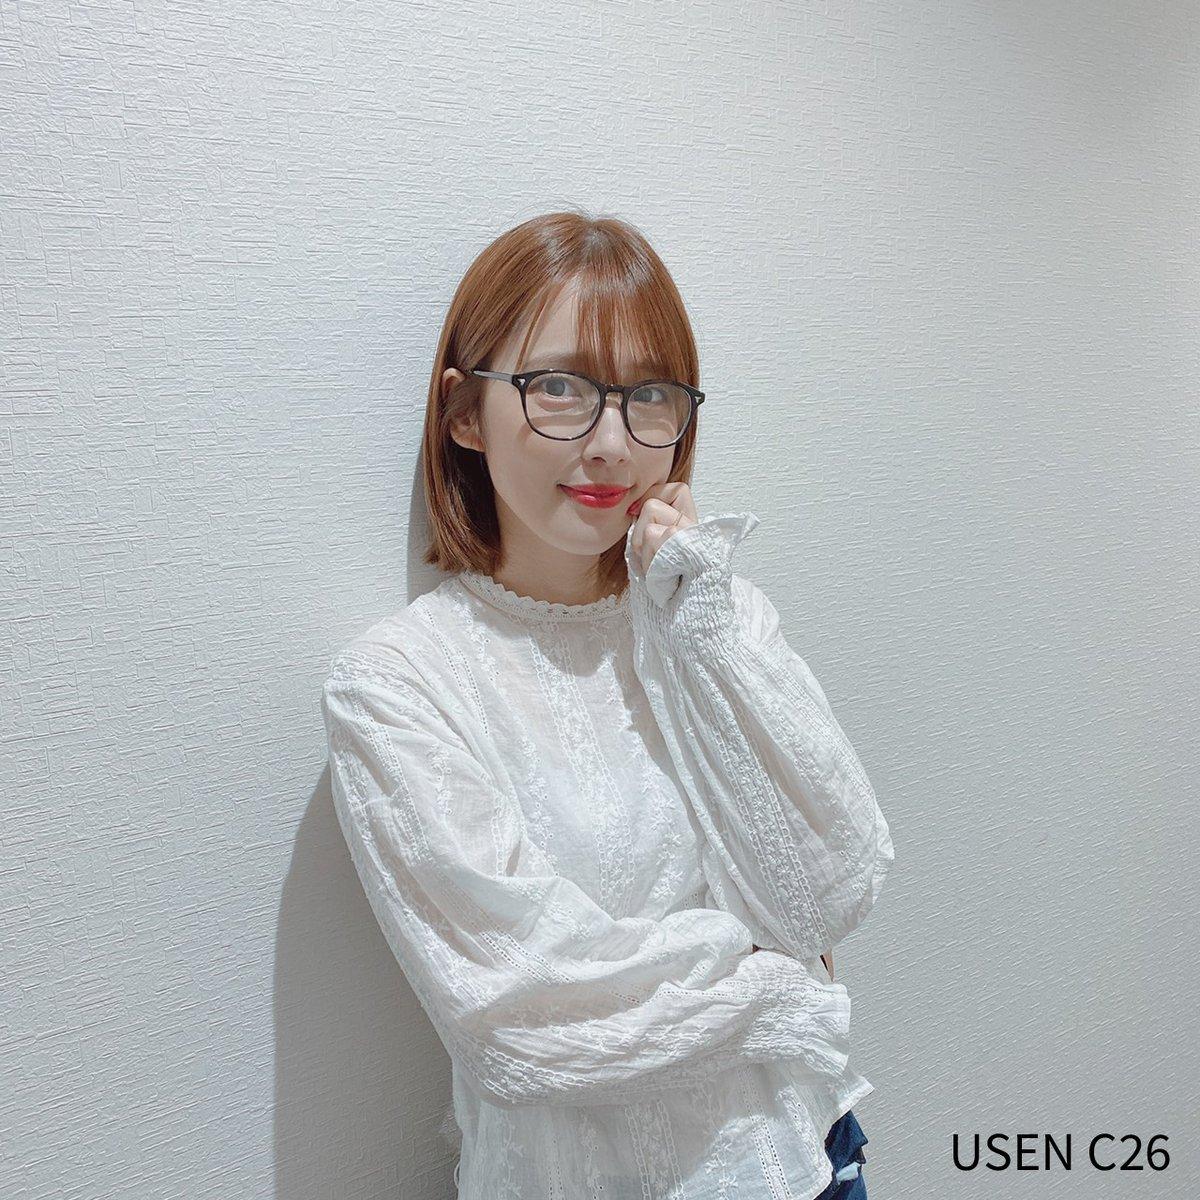 今週のM×M×Sは内田真礼の「真礼充ラジオ」を放送!異性のしぐさにキュン…とする時ありますよね。わかります。写真は眼鏡をかけている内田さん👓元気バージョンとアンニュイな表情バージョン!皆さんはどっちが好きですか??mms@usen.co.jp#内田真礼